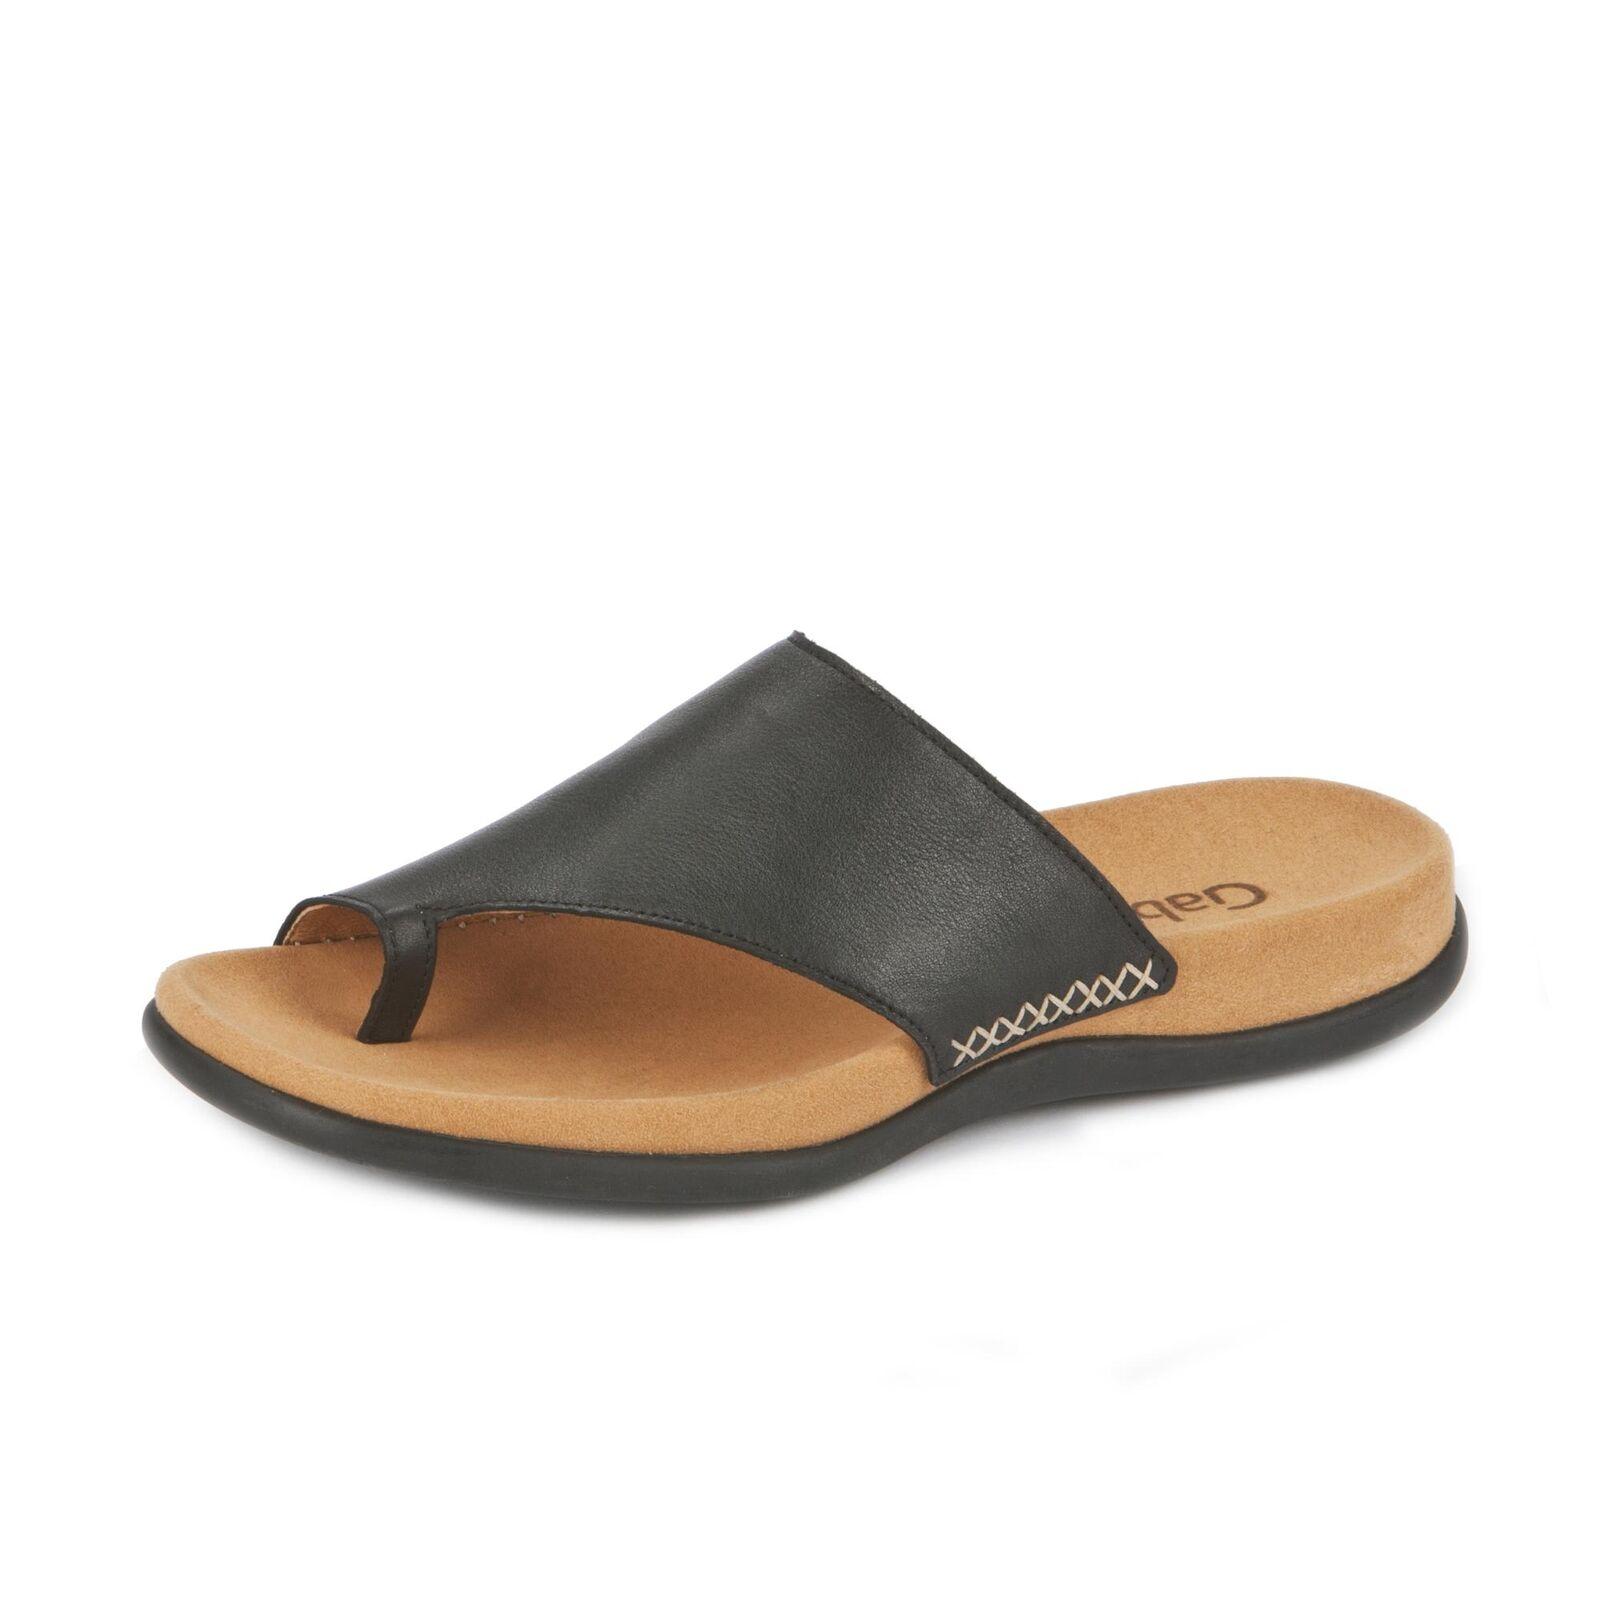 Gabor Damen Pantolette Schlupfschuhe Sommerschuh Zehentrenner Schuhe schwarz